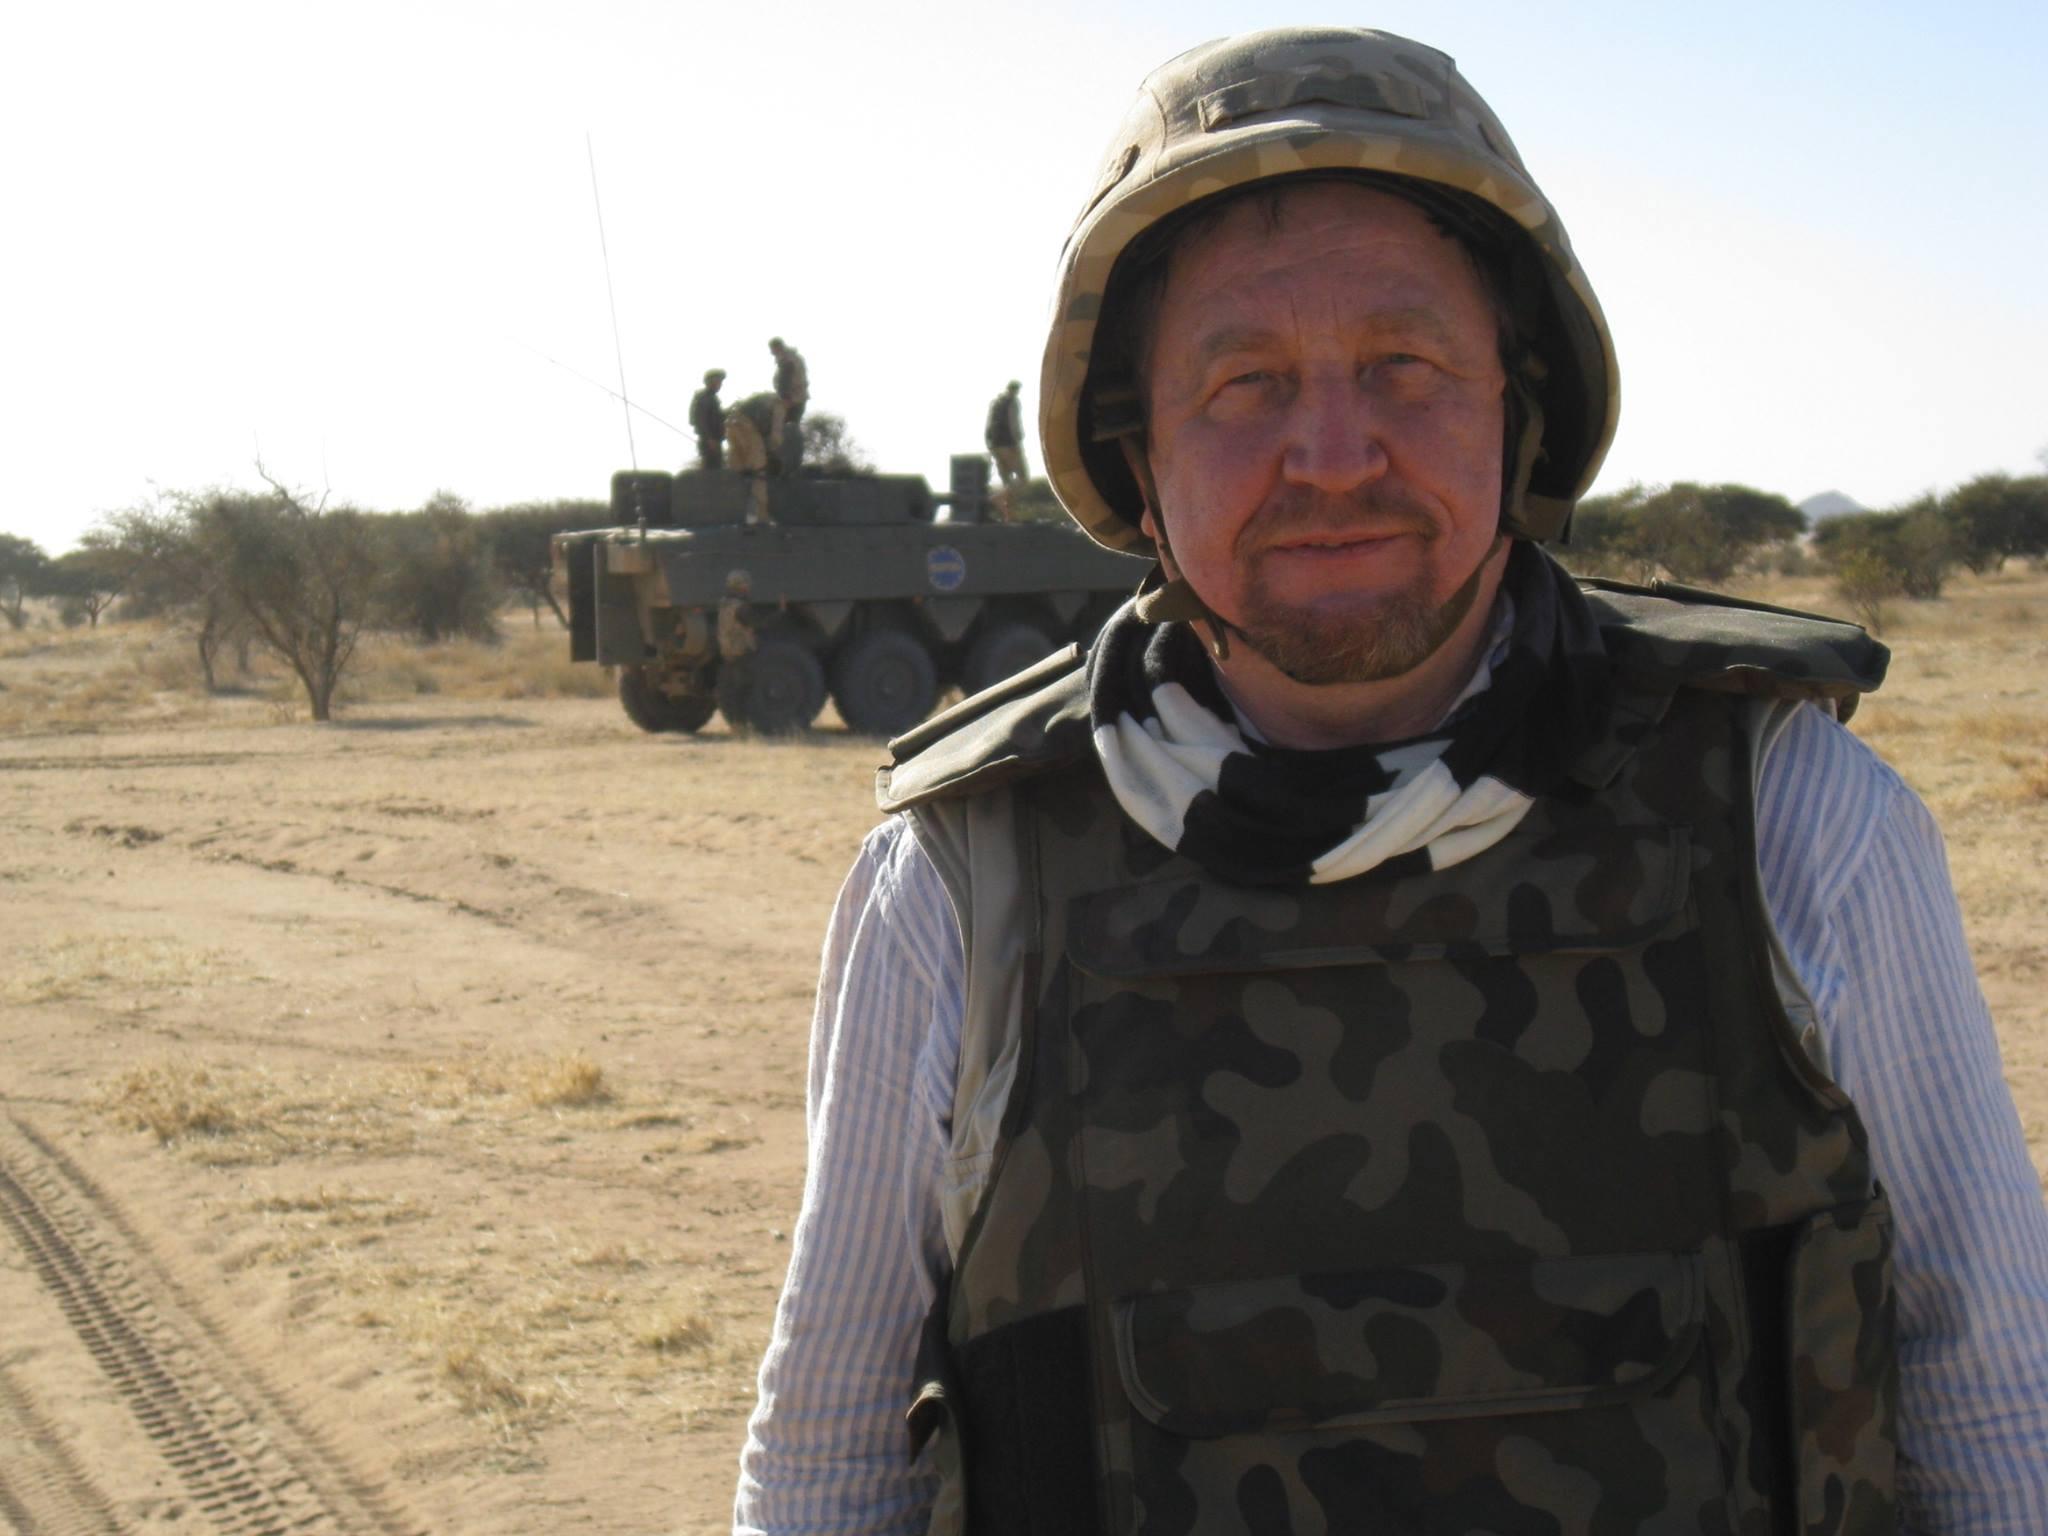 Αλεξάντρ Μινέγιεφ: ένας γνήσιος δημοσιογράφος αφηγείται…